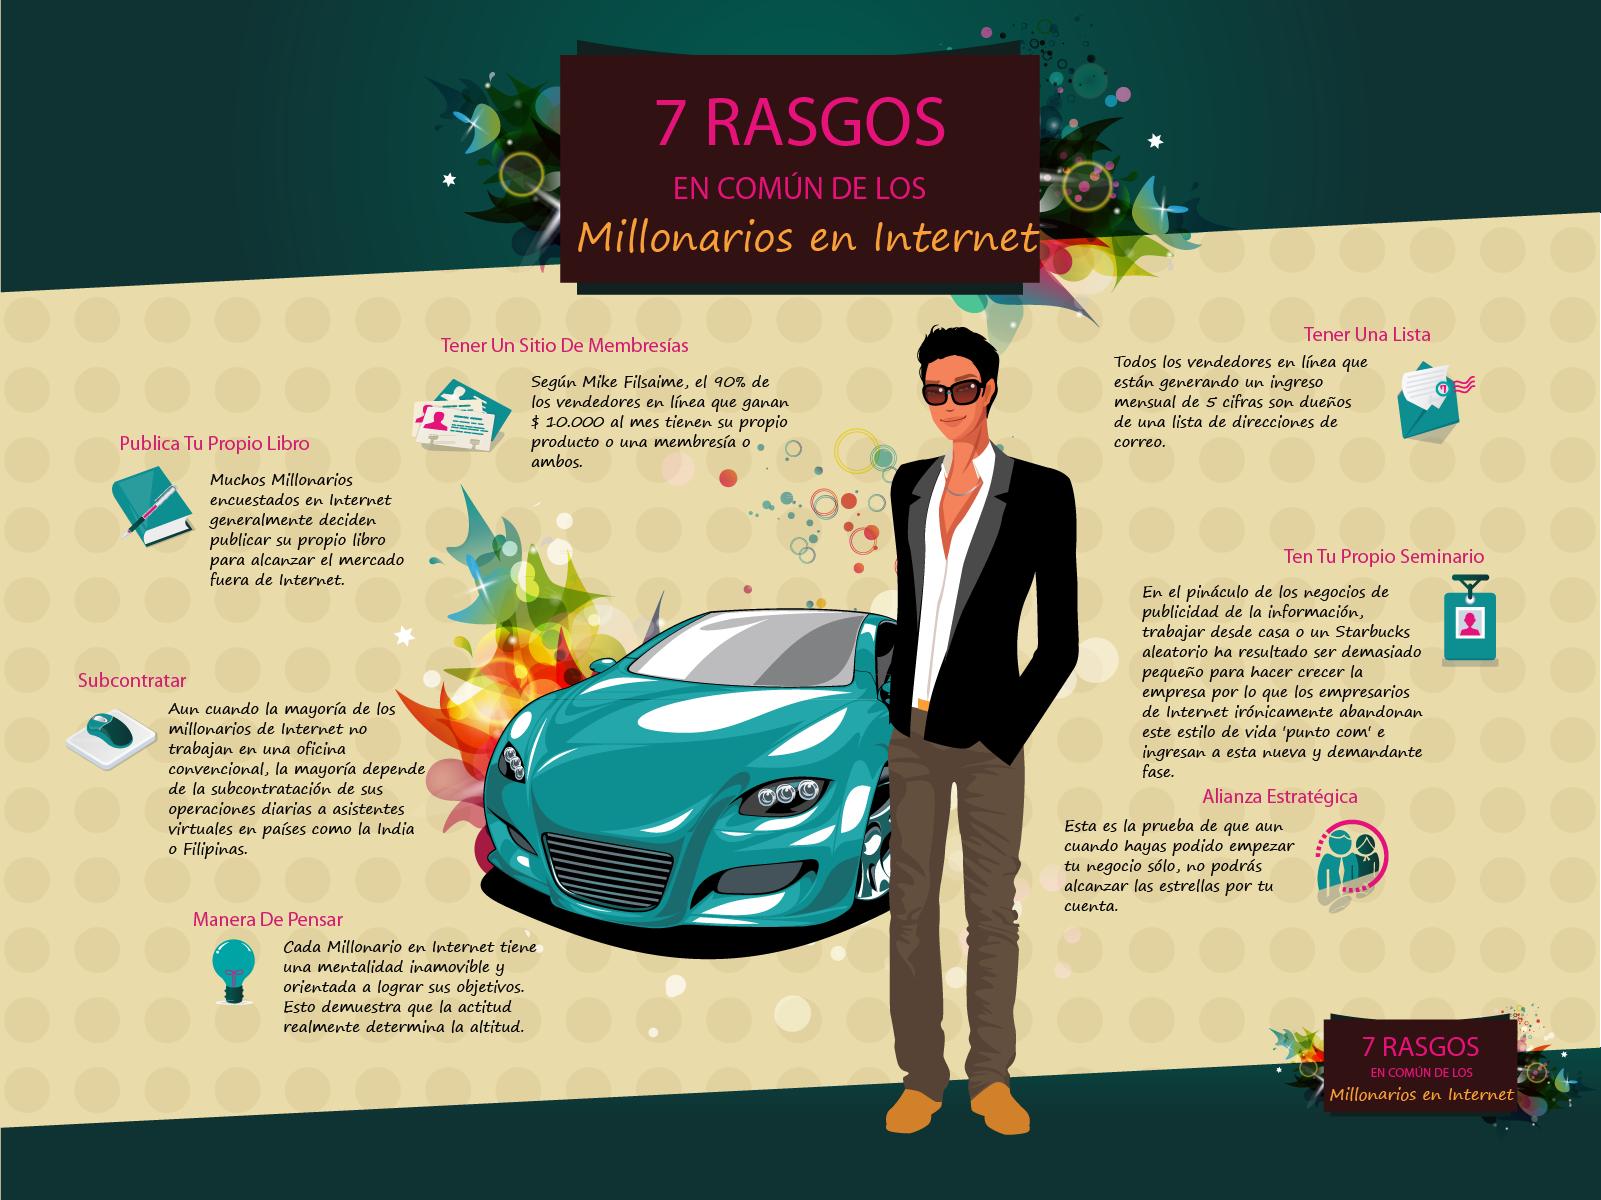 07---7 RASGOS EN  COMUN DE LOS MILLONARIOS EN INTERNET